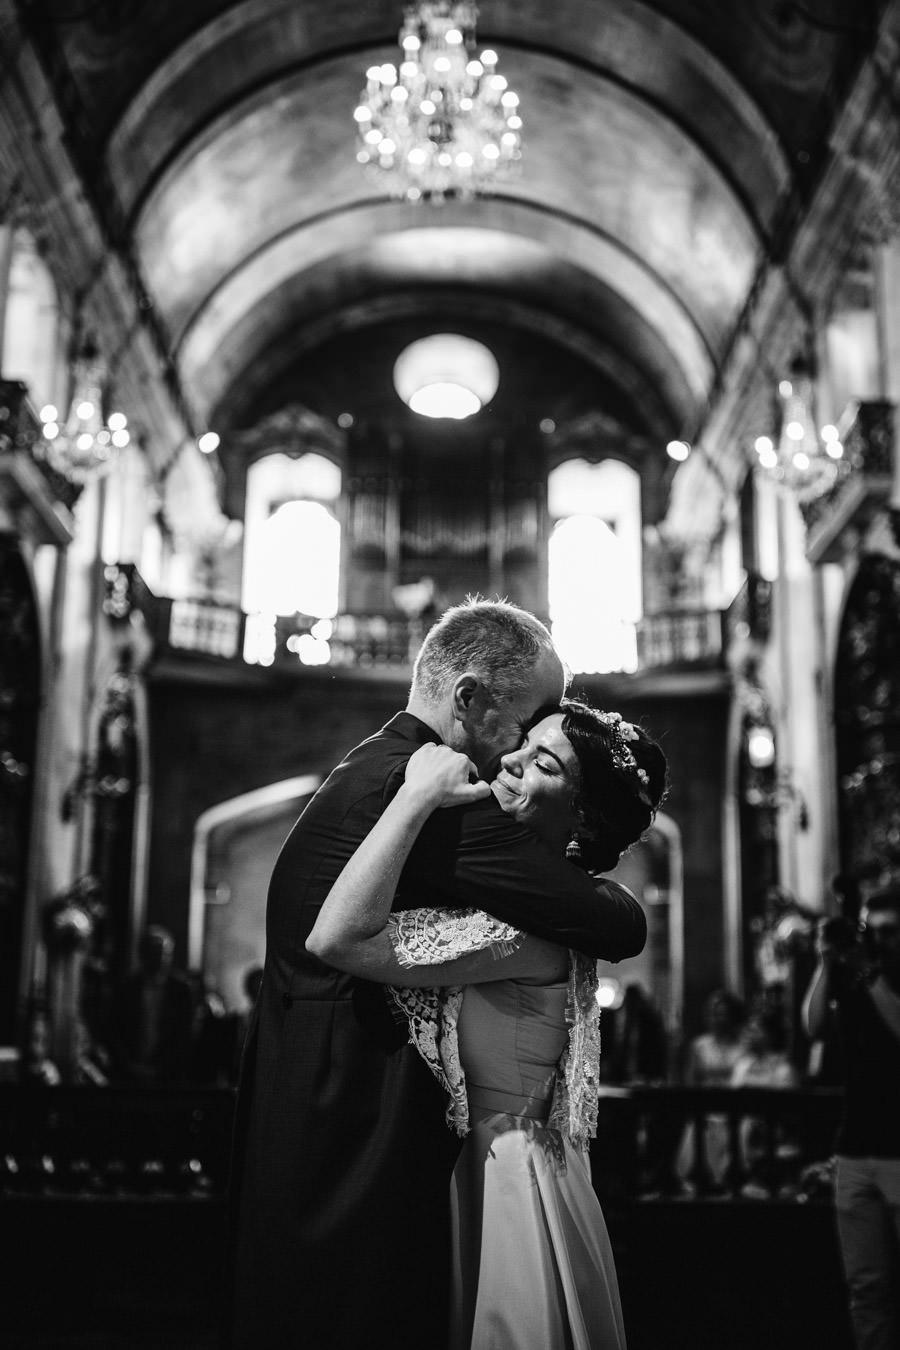 fotografia de casamento Igreja do Carmo abraco noivos